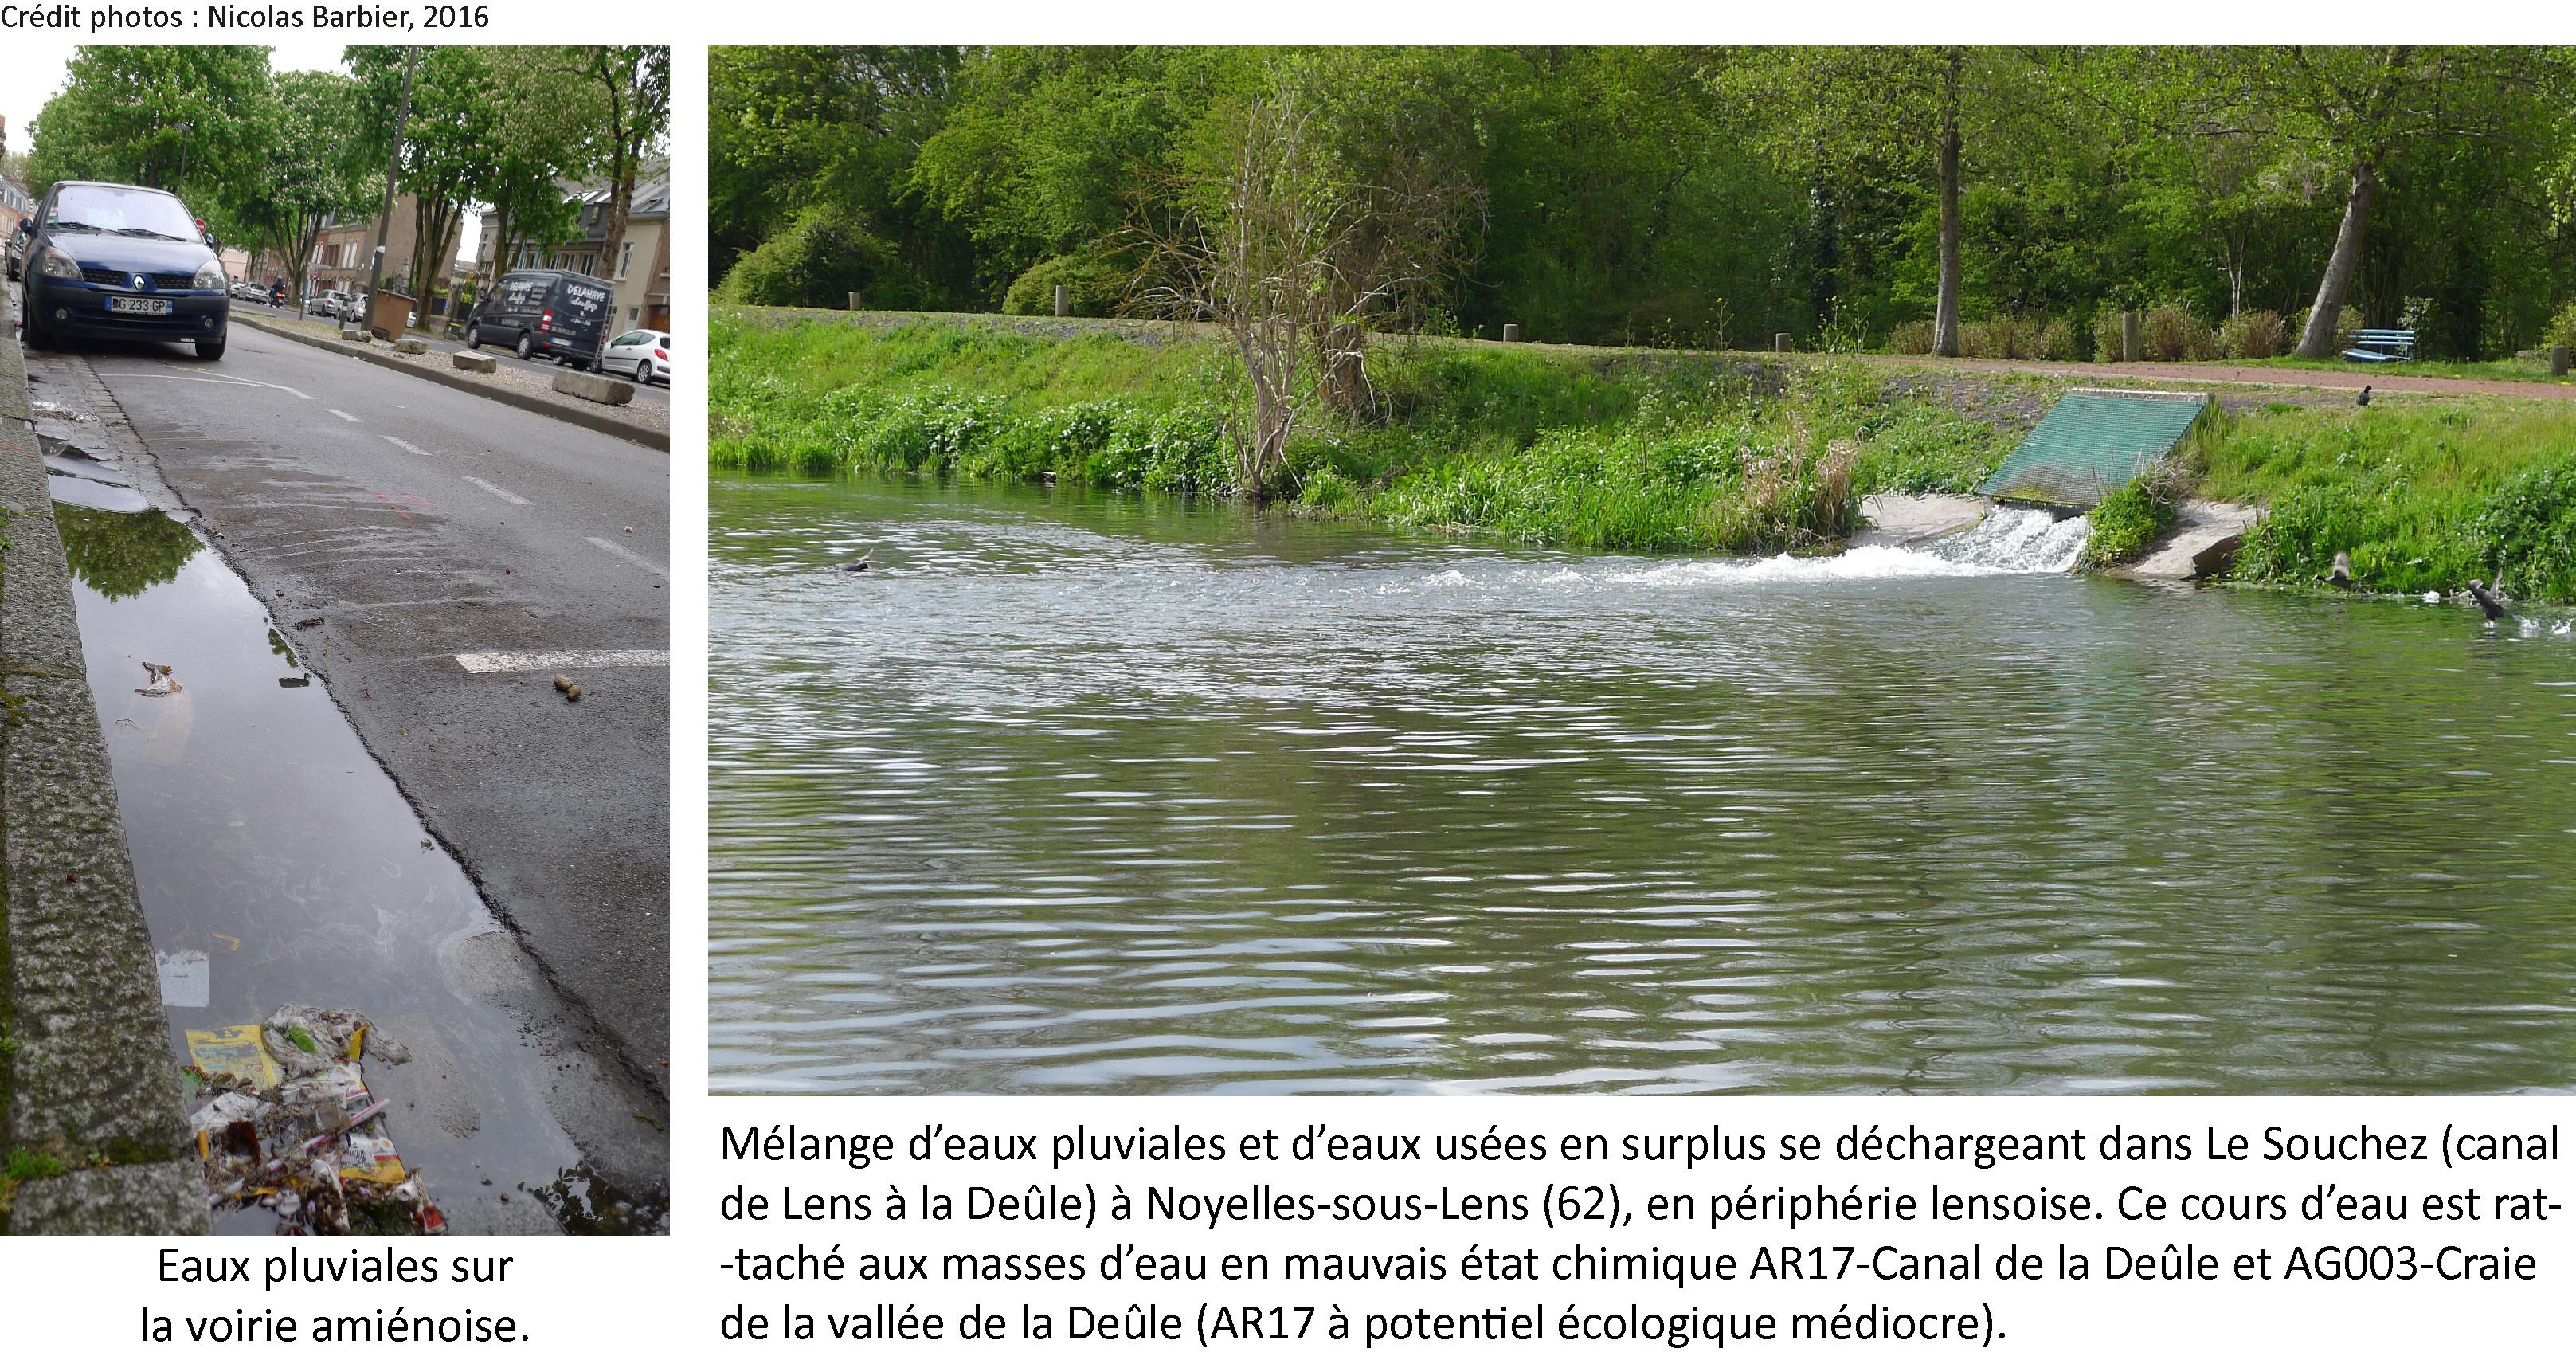 ventdouxprod nicolas barbier 2016 eaux pluviales amiens canal deûle pollution artois-picardie hauts-de-france DCE LEMA